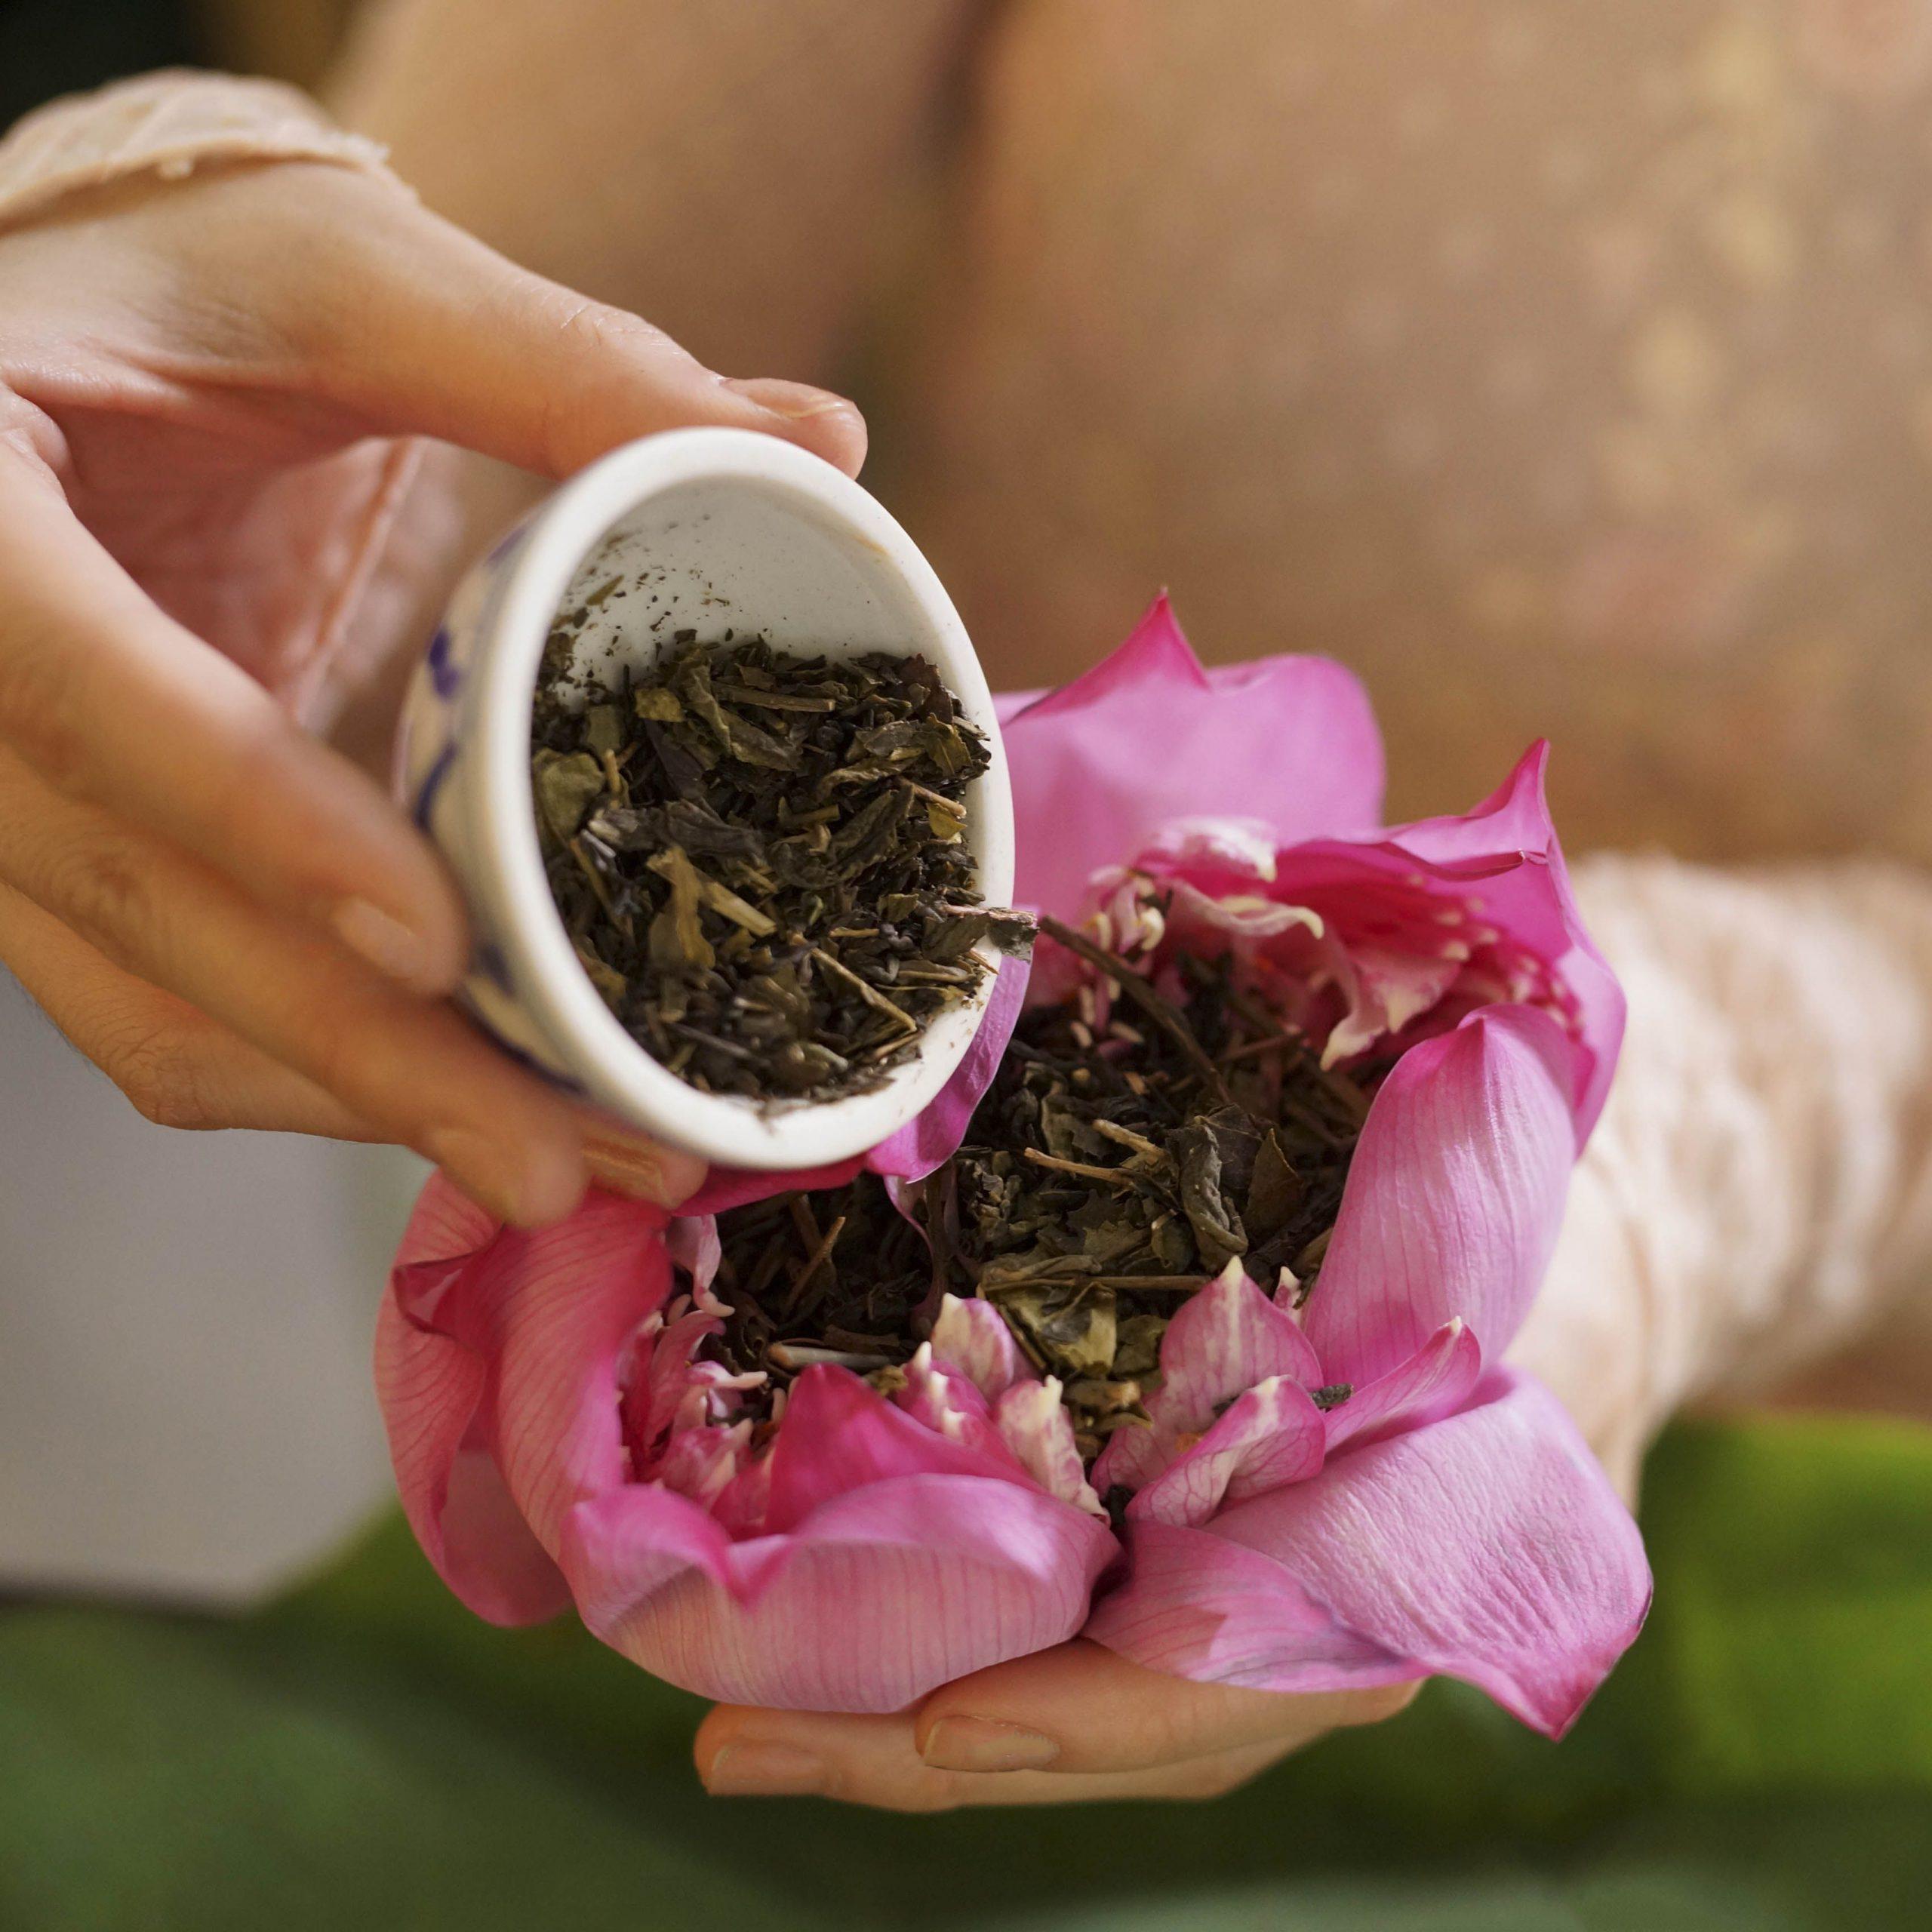 Trà sen muốn có hương vị tốt nhất thì việc đầu tiên cần quan tâm là chọn trà và chọn hoa sen.